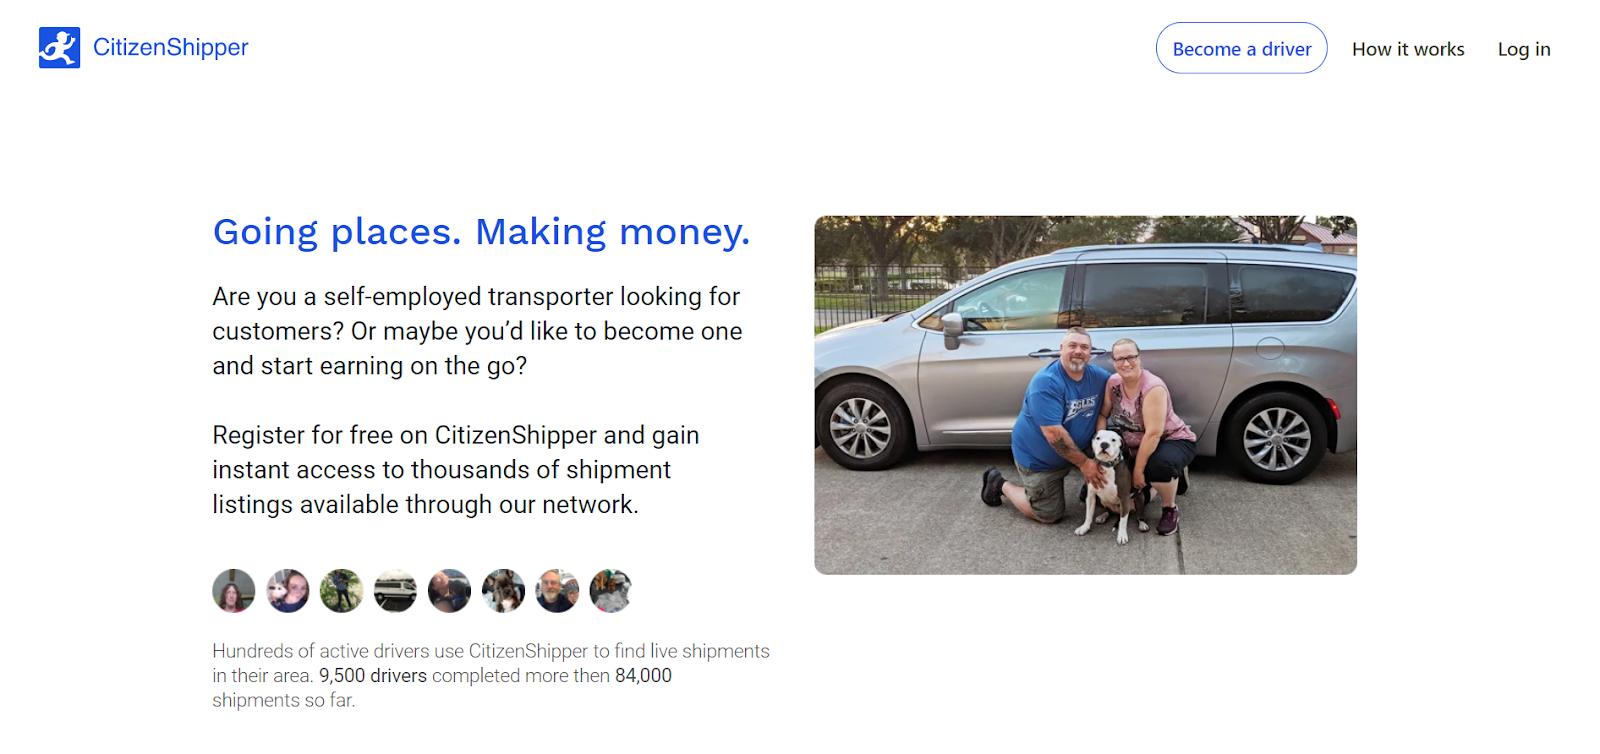 La página web de información del conductor de CitizenShipper